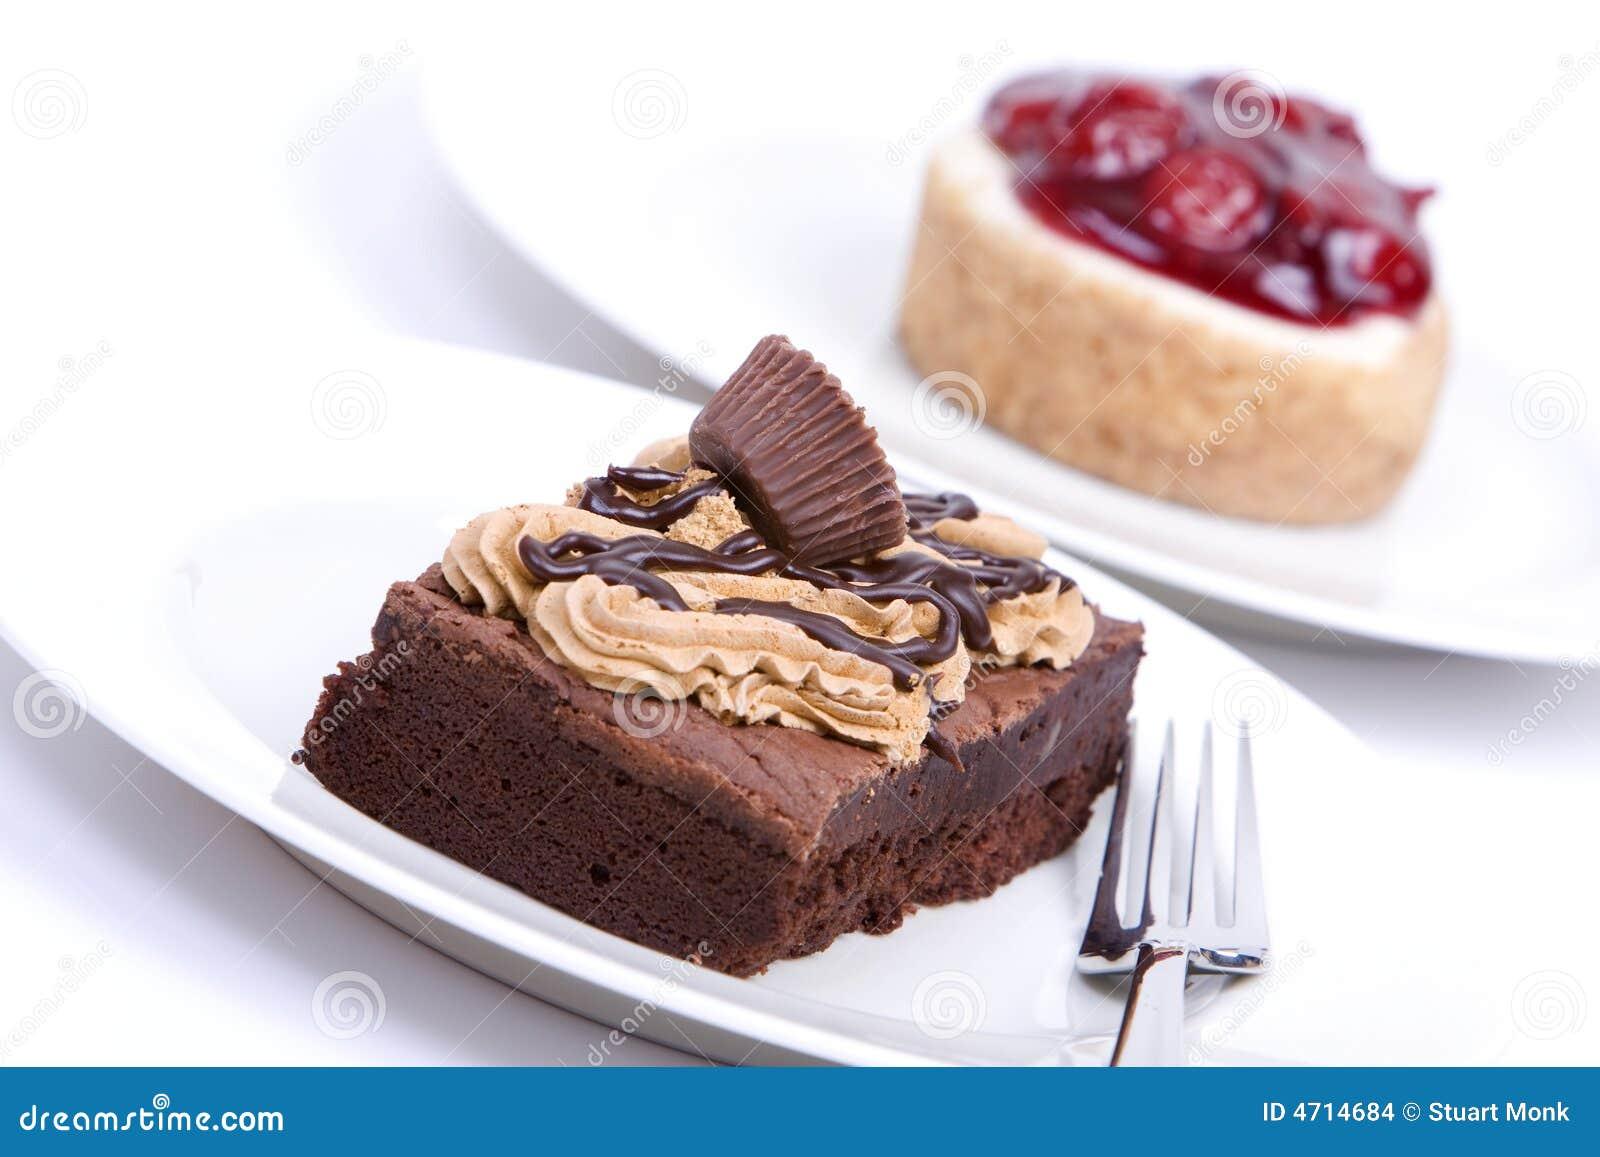 果仁巧克力乳酪蛋糕巧克力软糖